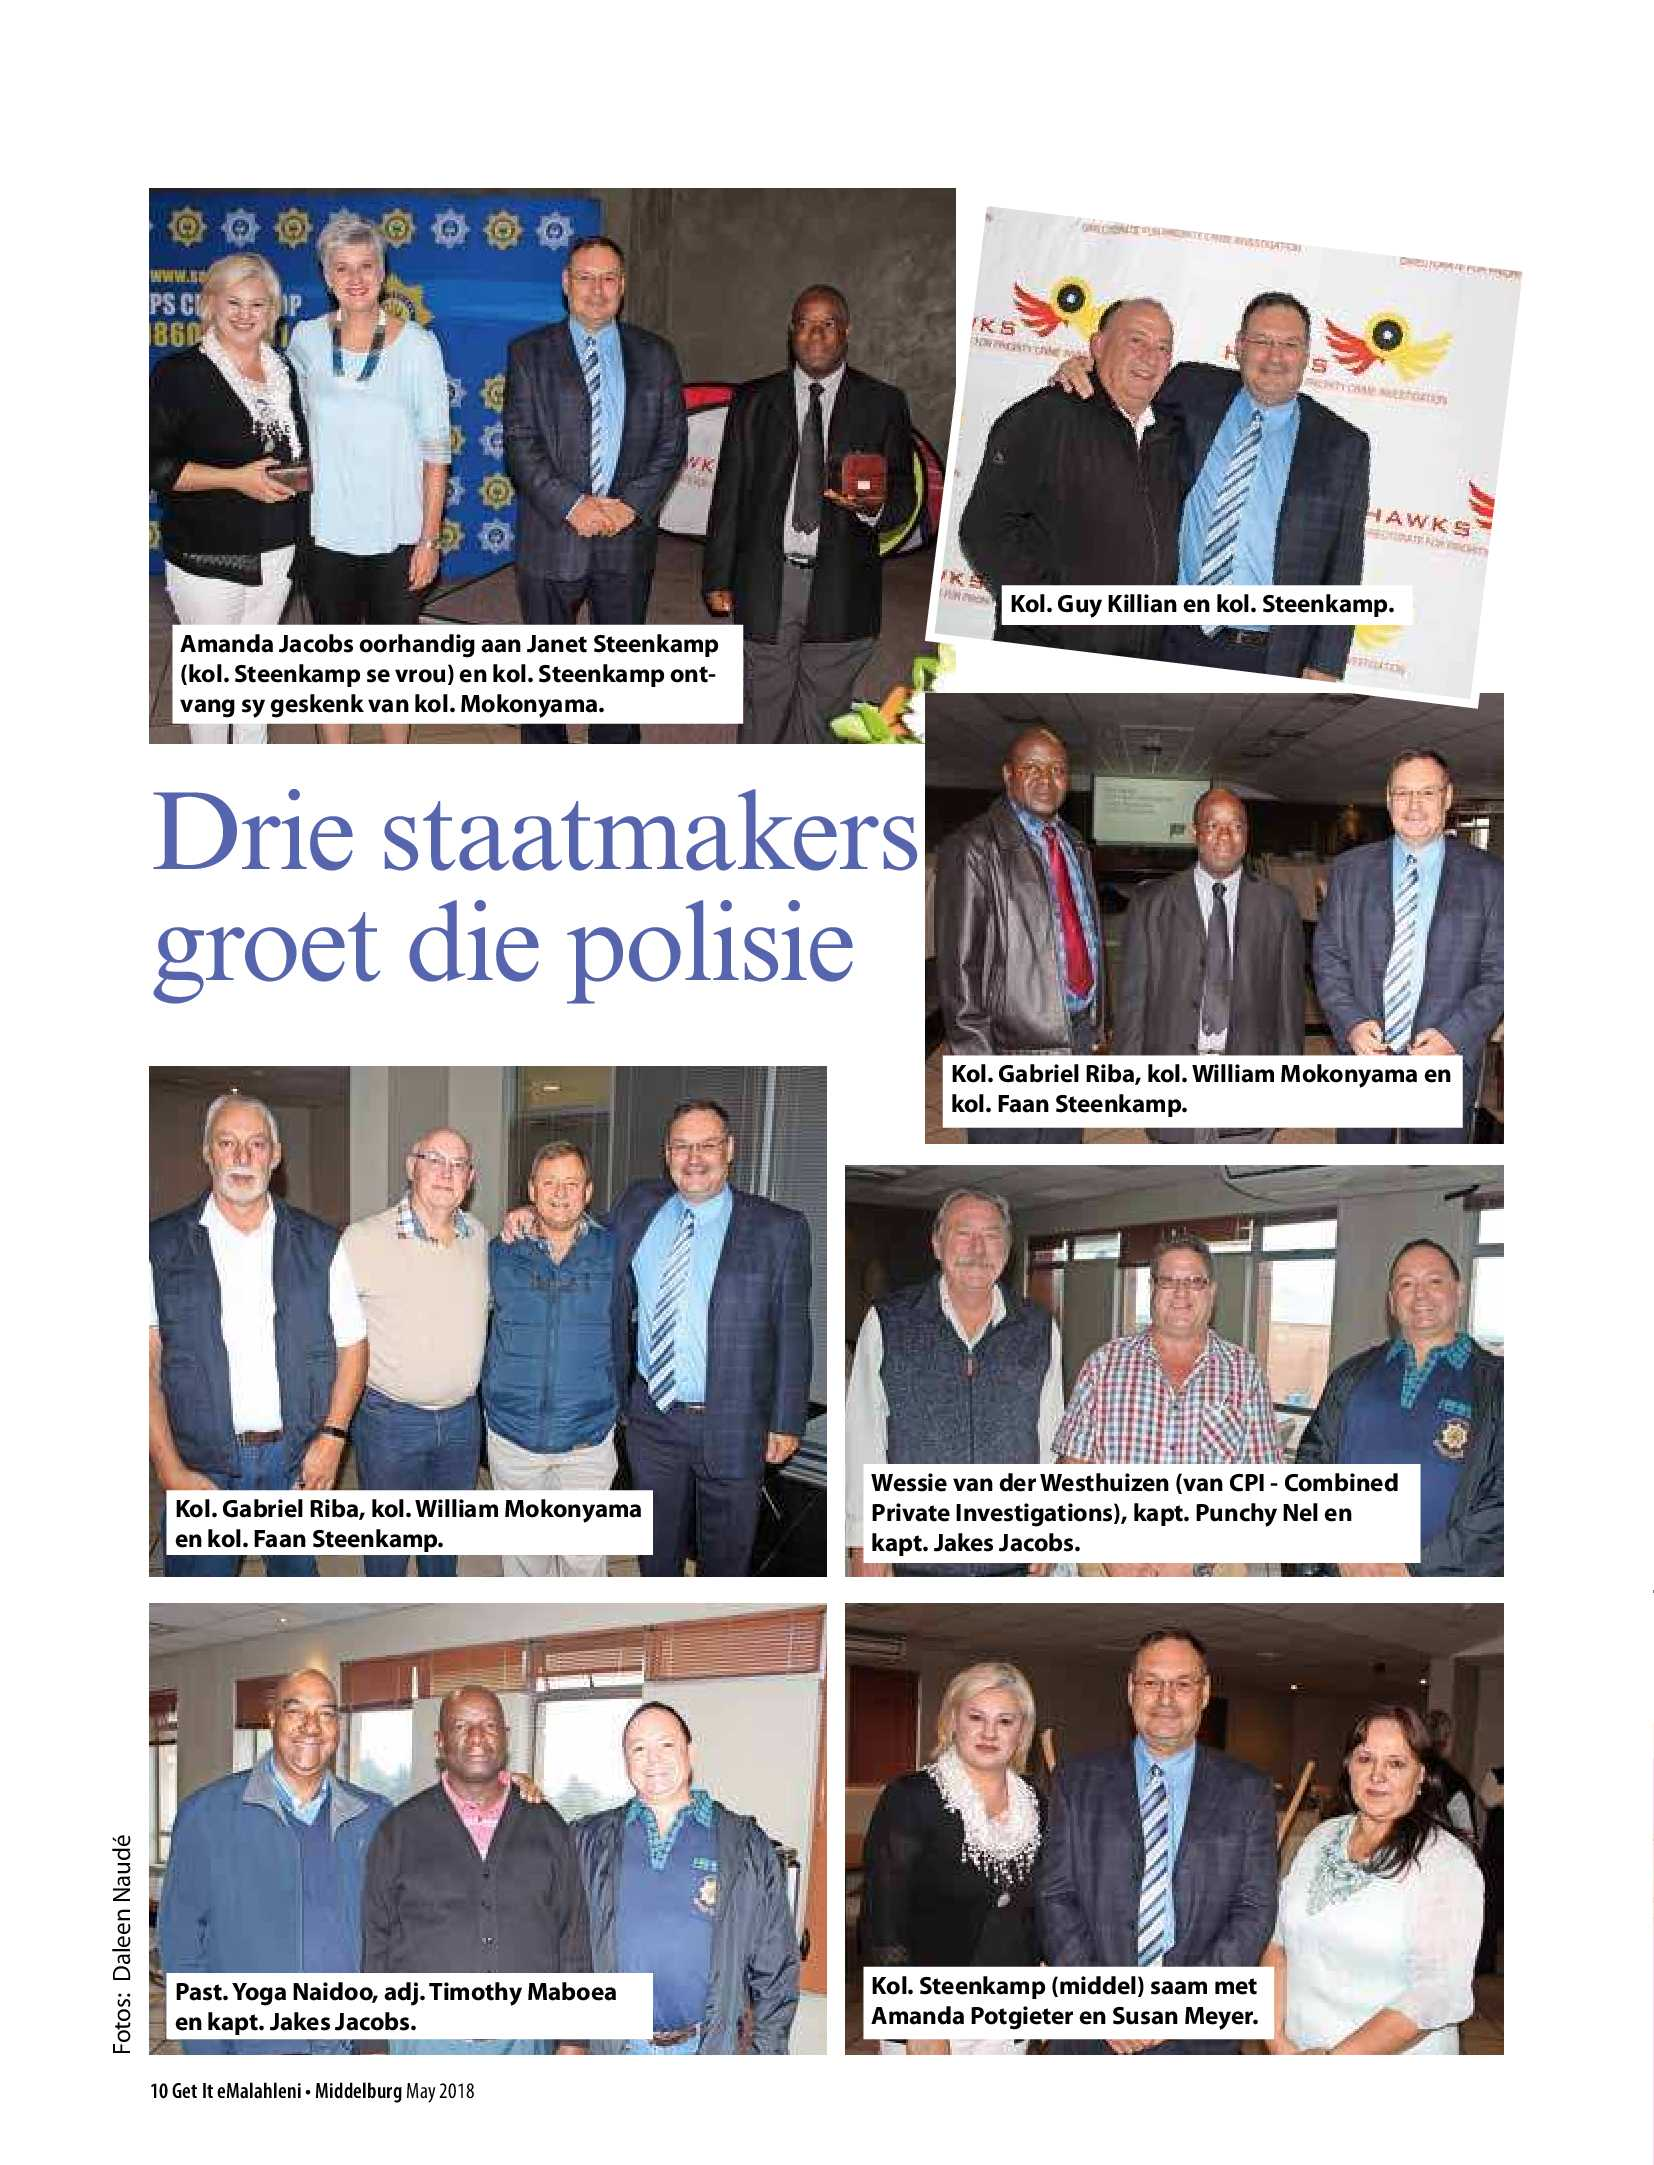 get-middelburg-may-2018-epapers-page-12